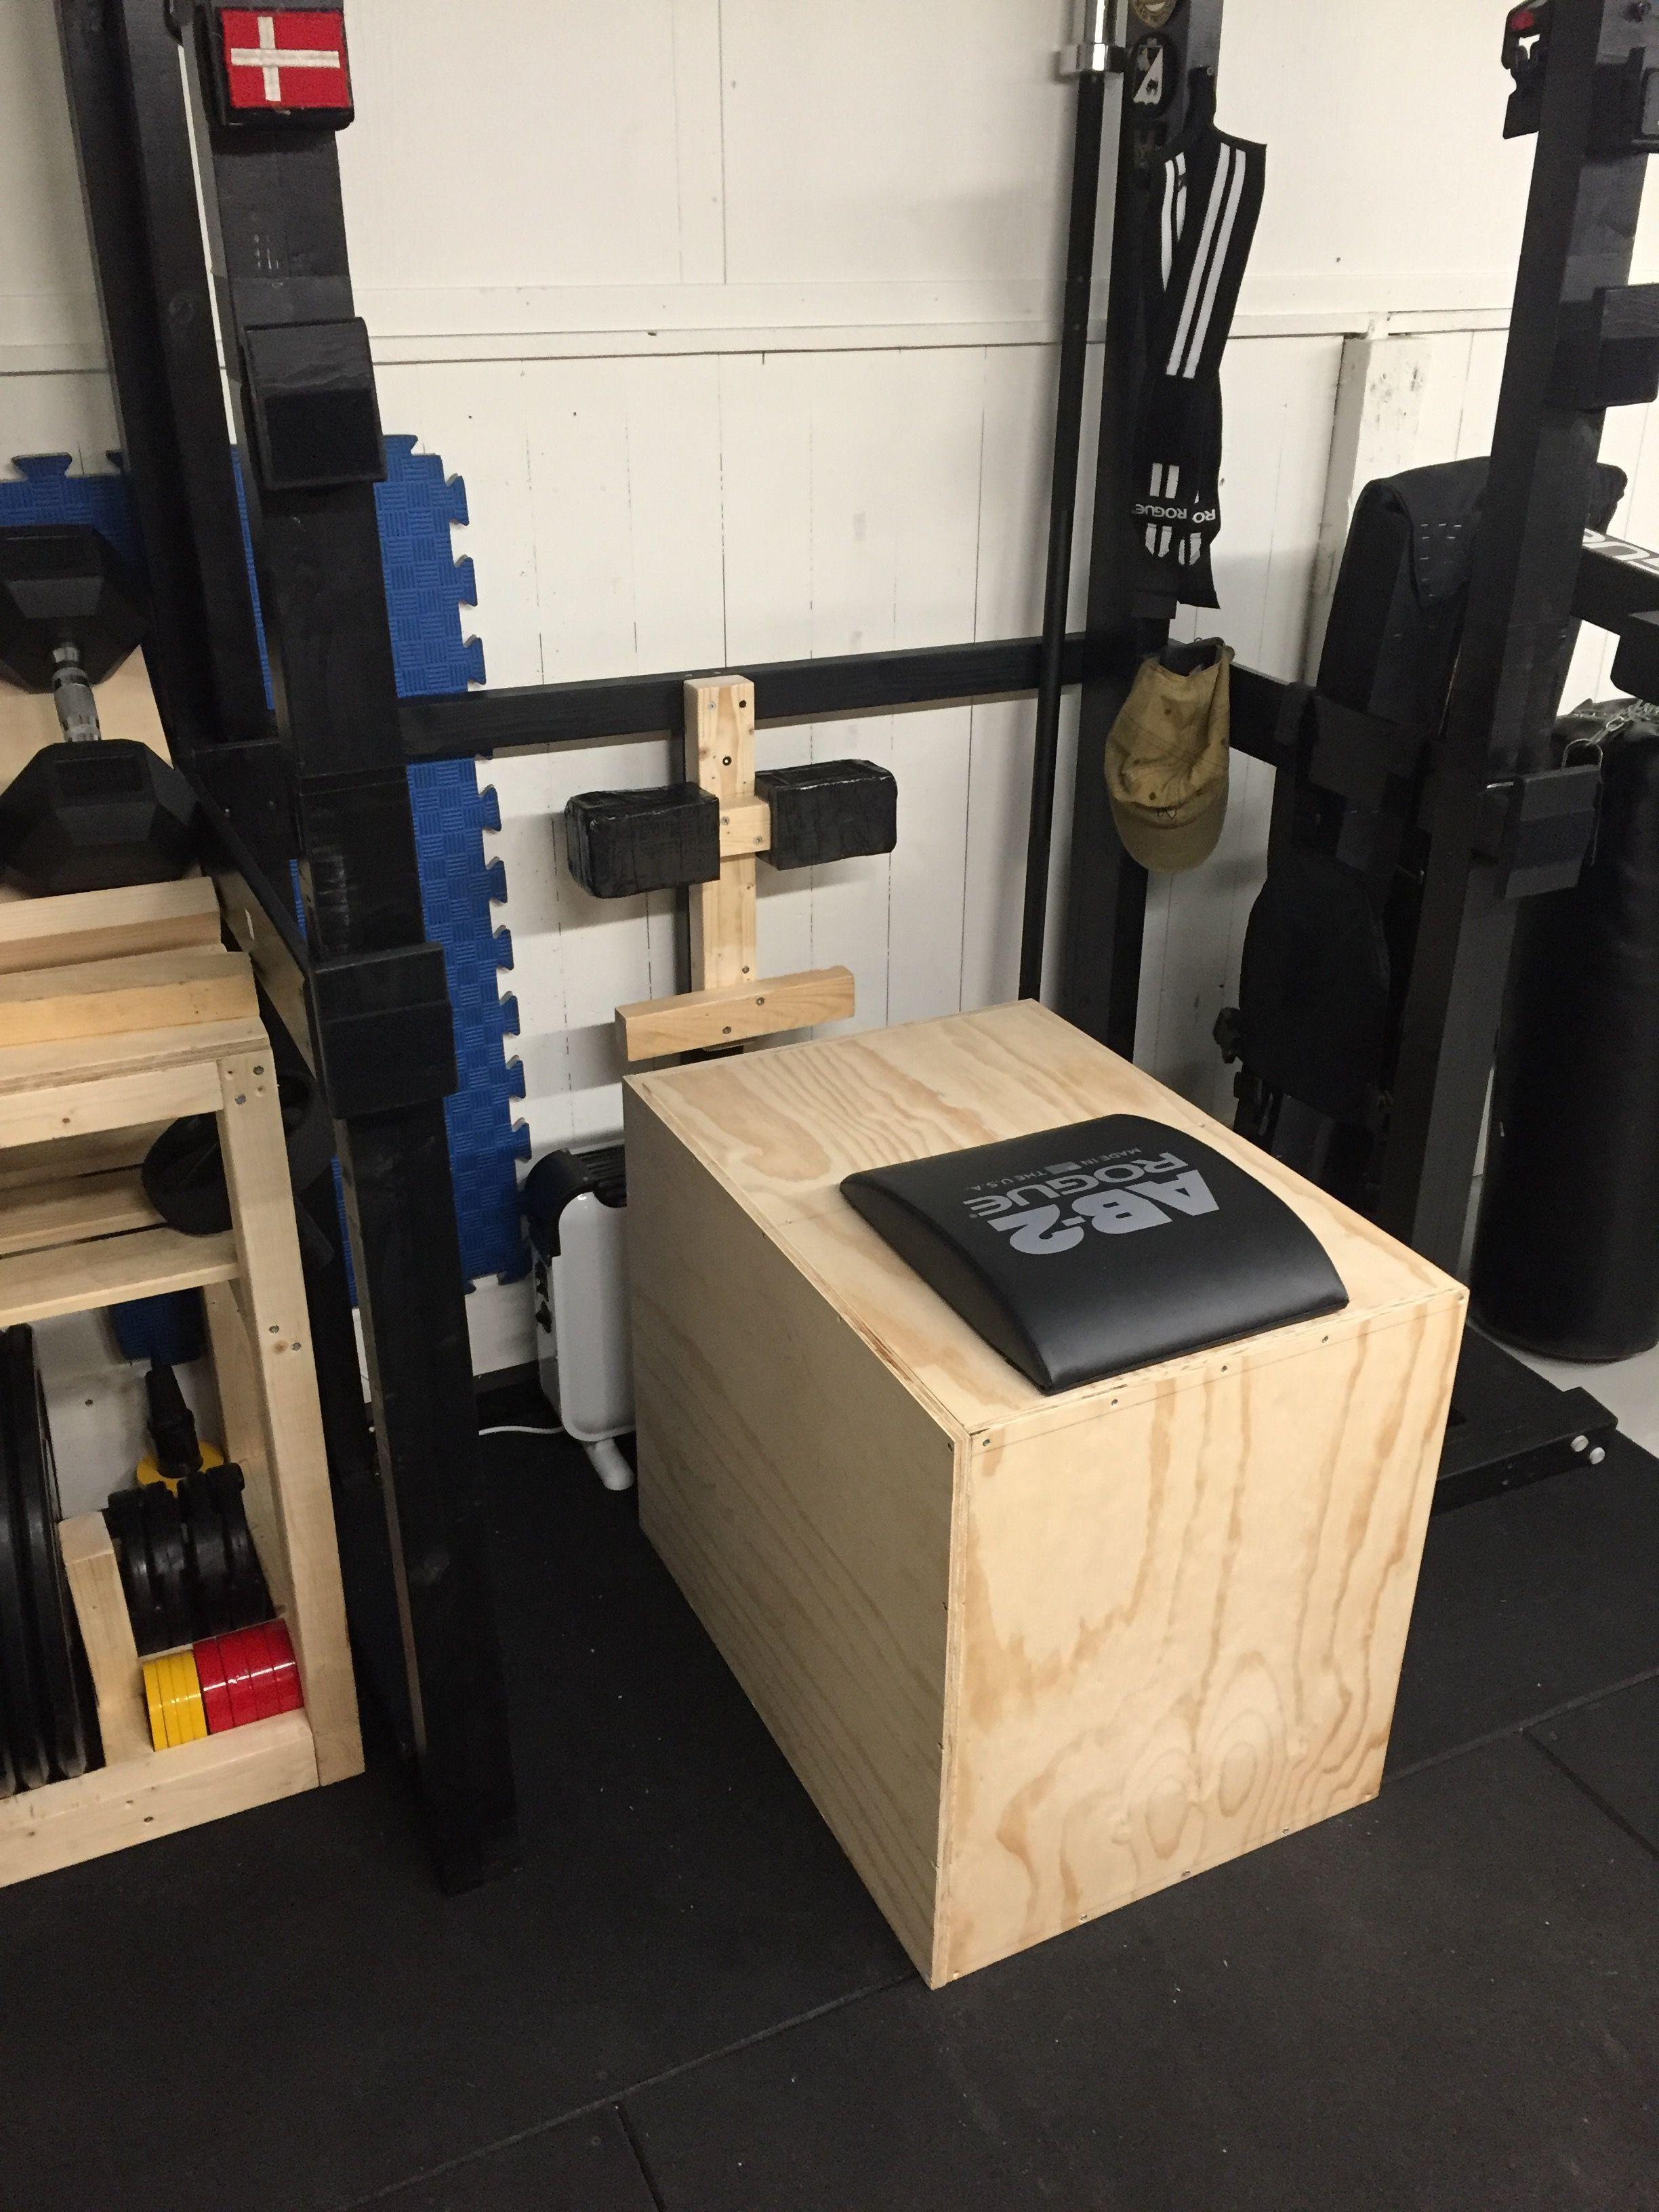 Diy Ghd Diy Pylo Box With Ab Mat Fun Project Diy Home Gym Diy Gym Diy Gym Equipment